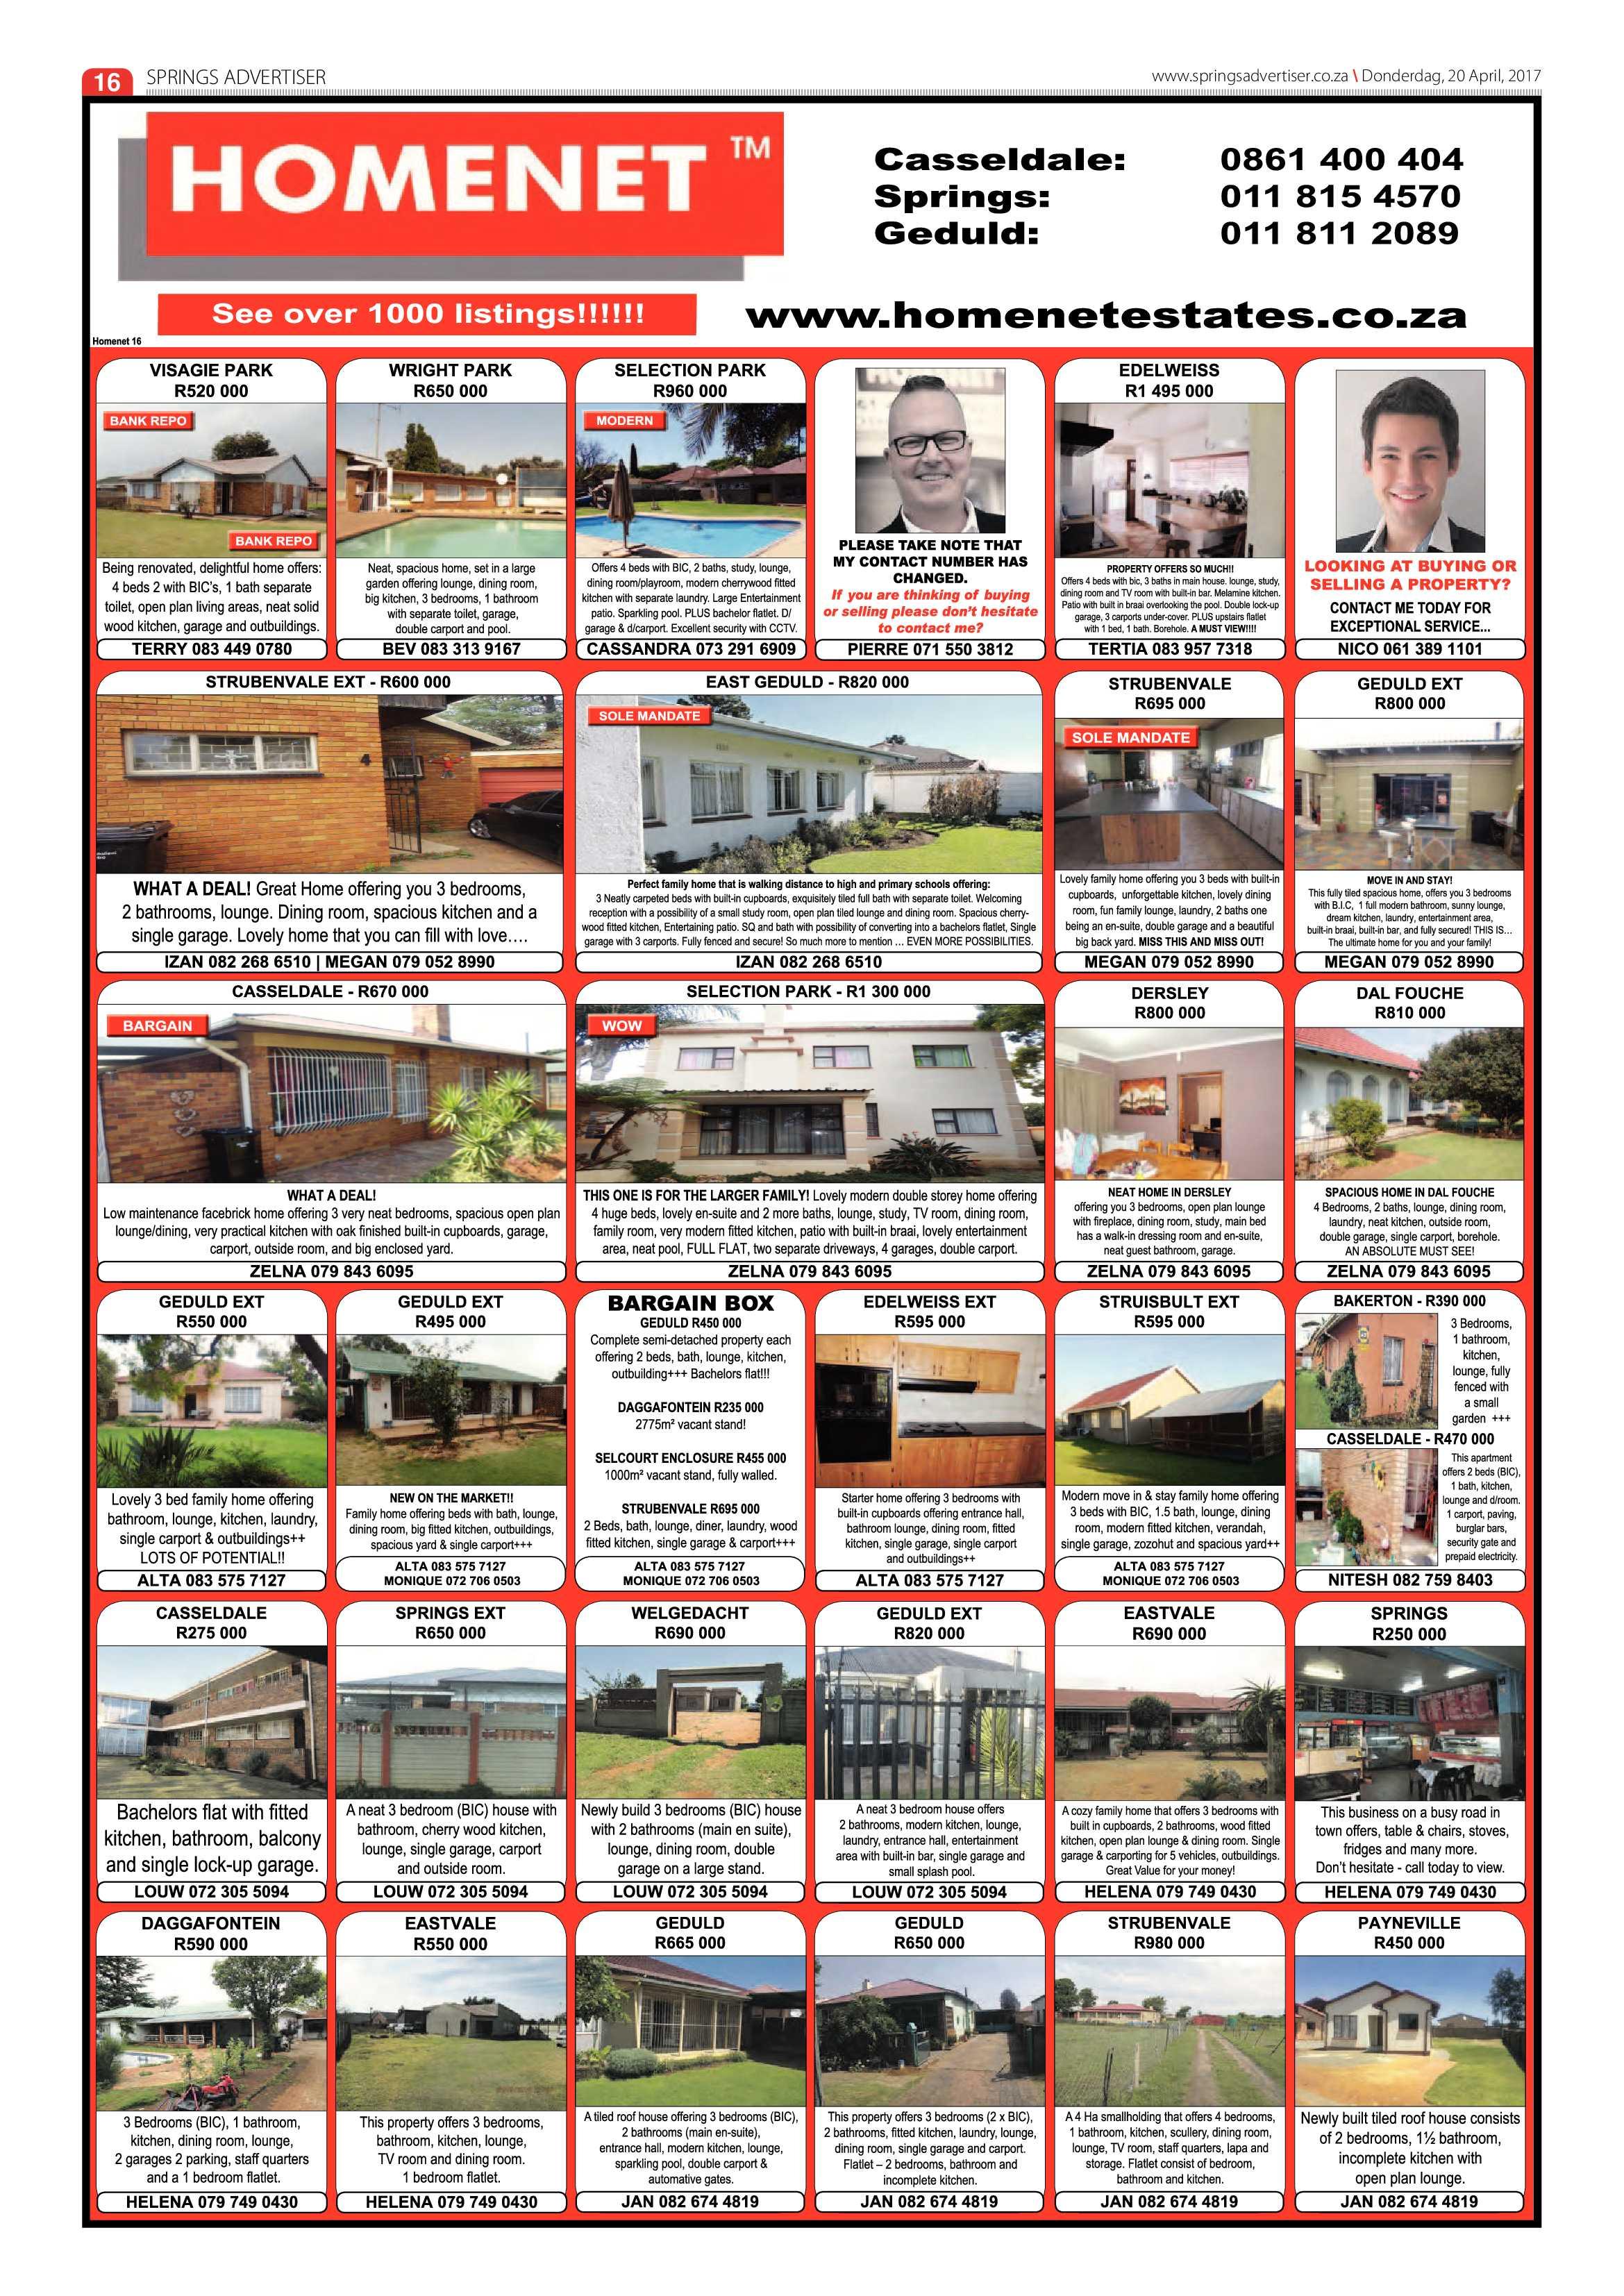 springs-advertiser-2-april-2017-epapers-page-16